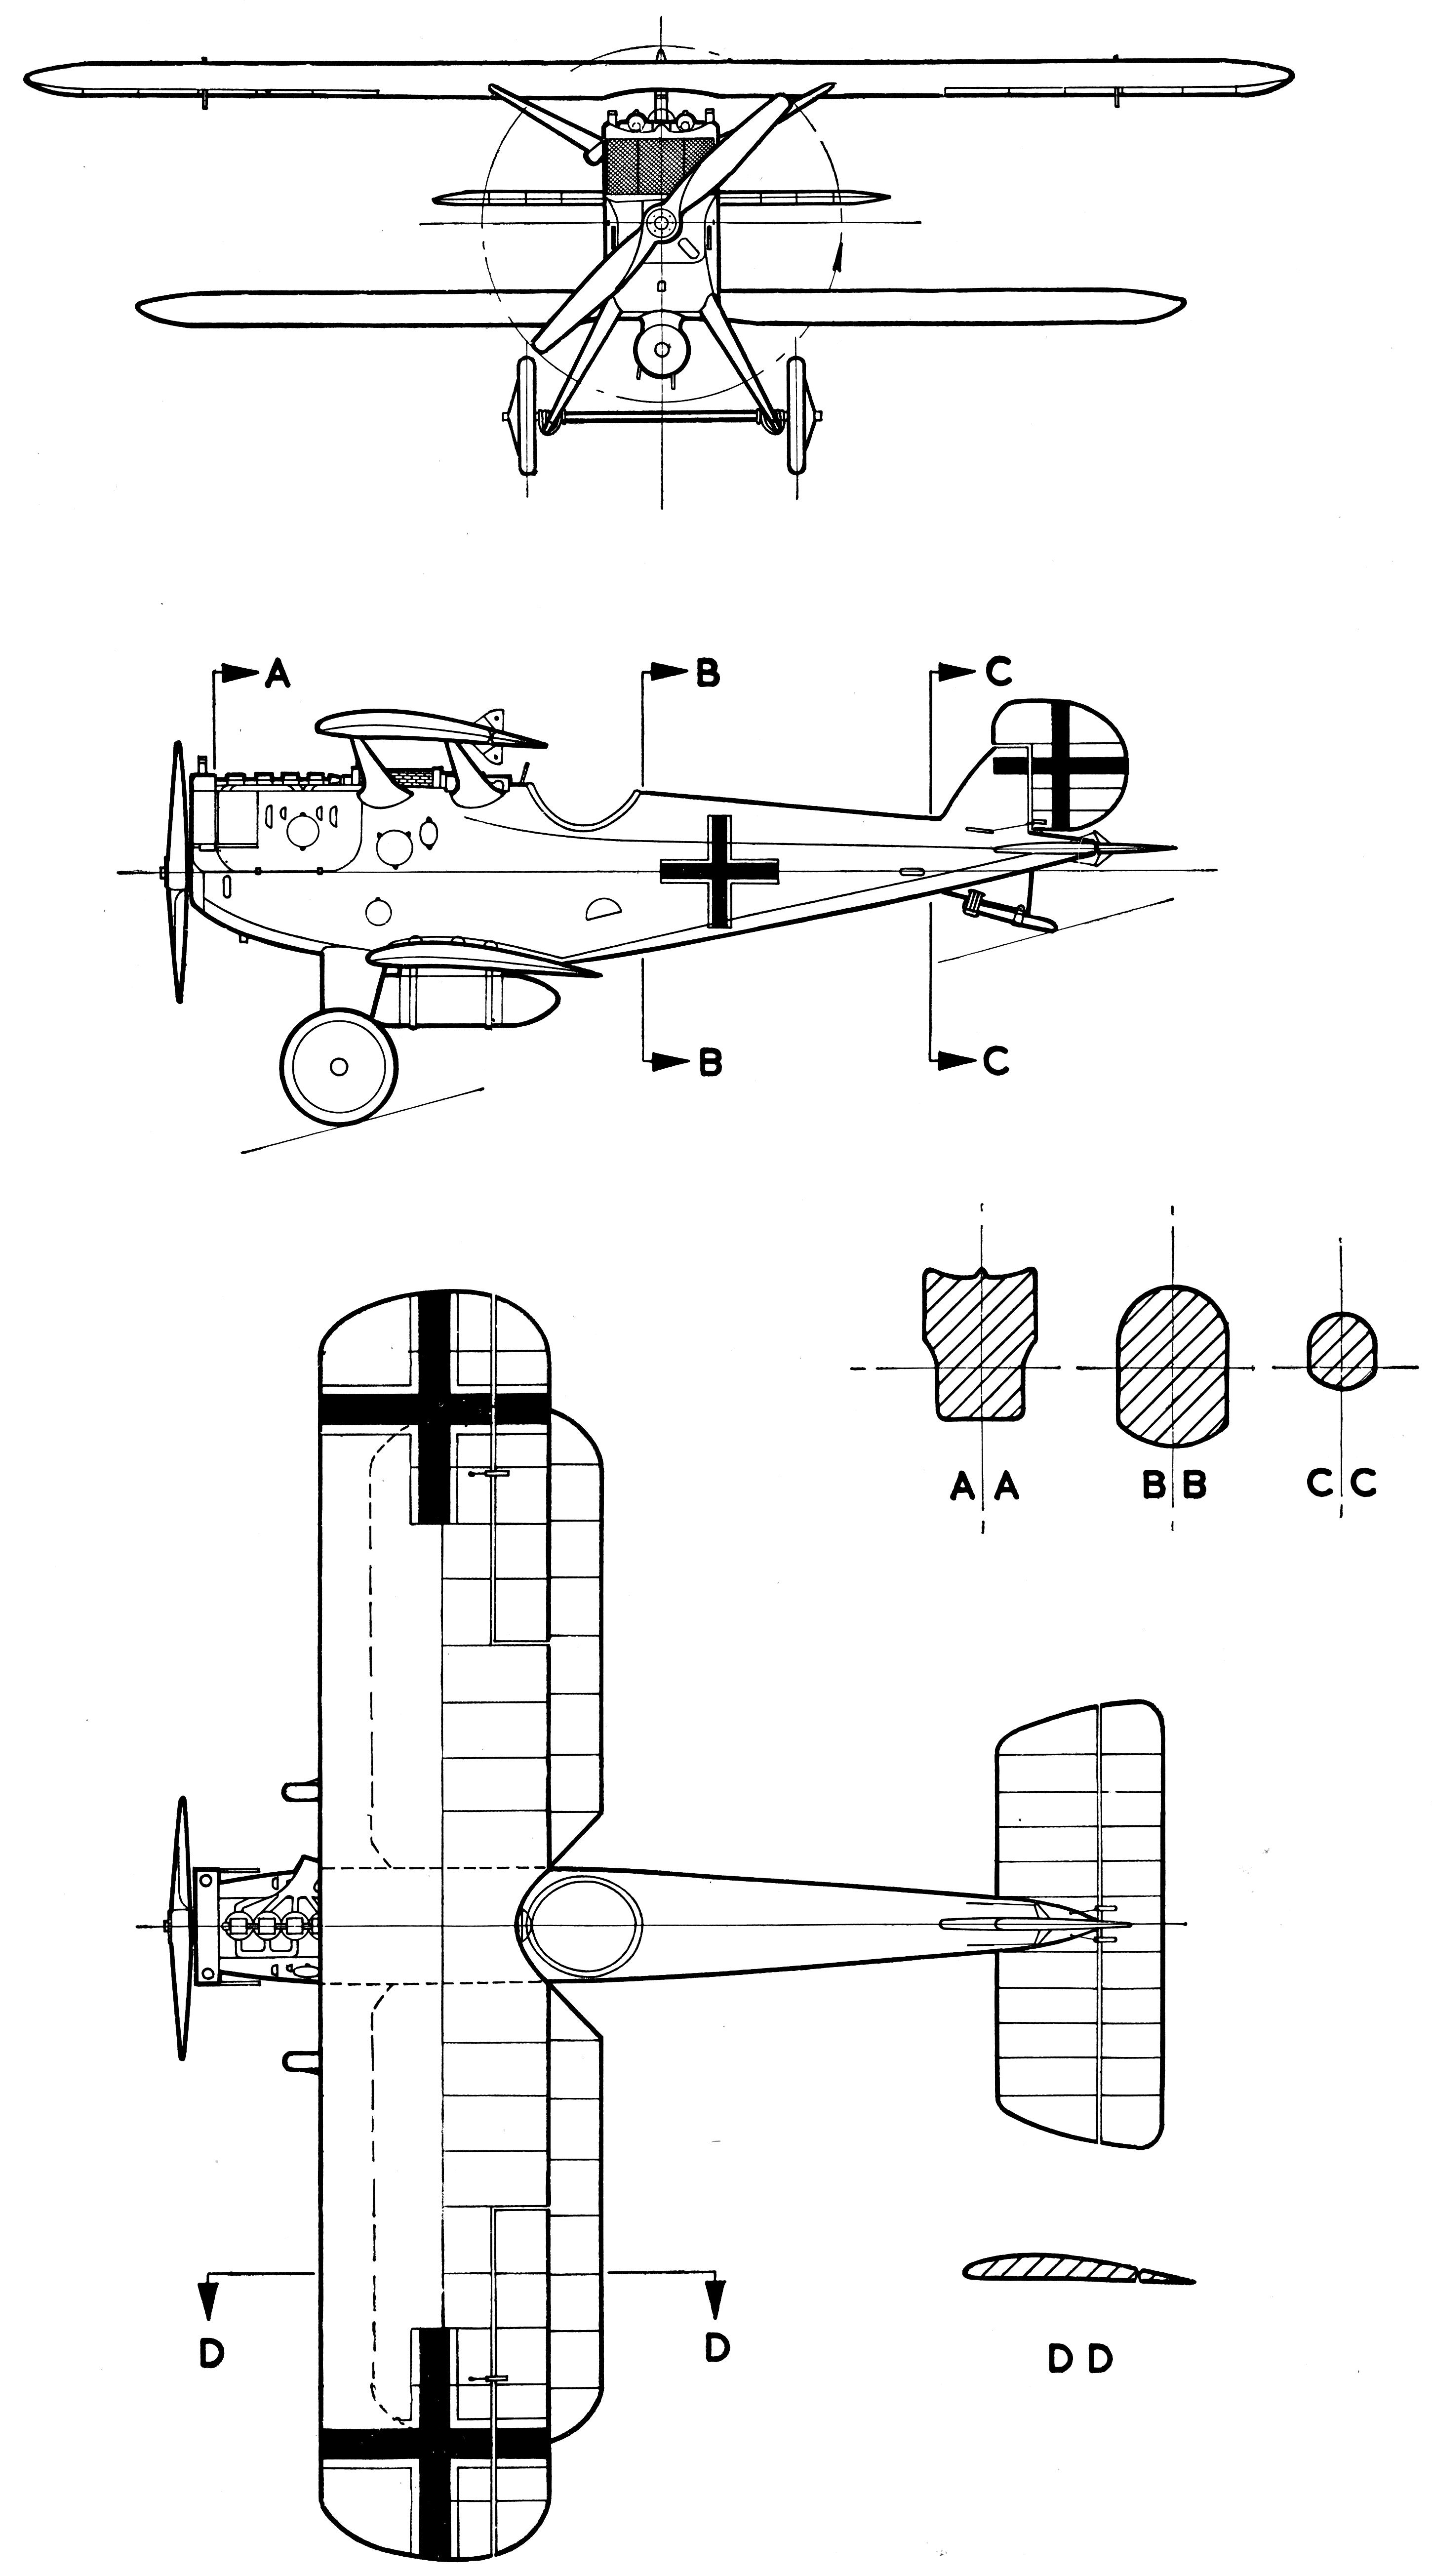 Dornier-Zeppelin D.I blueprint